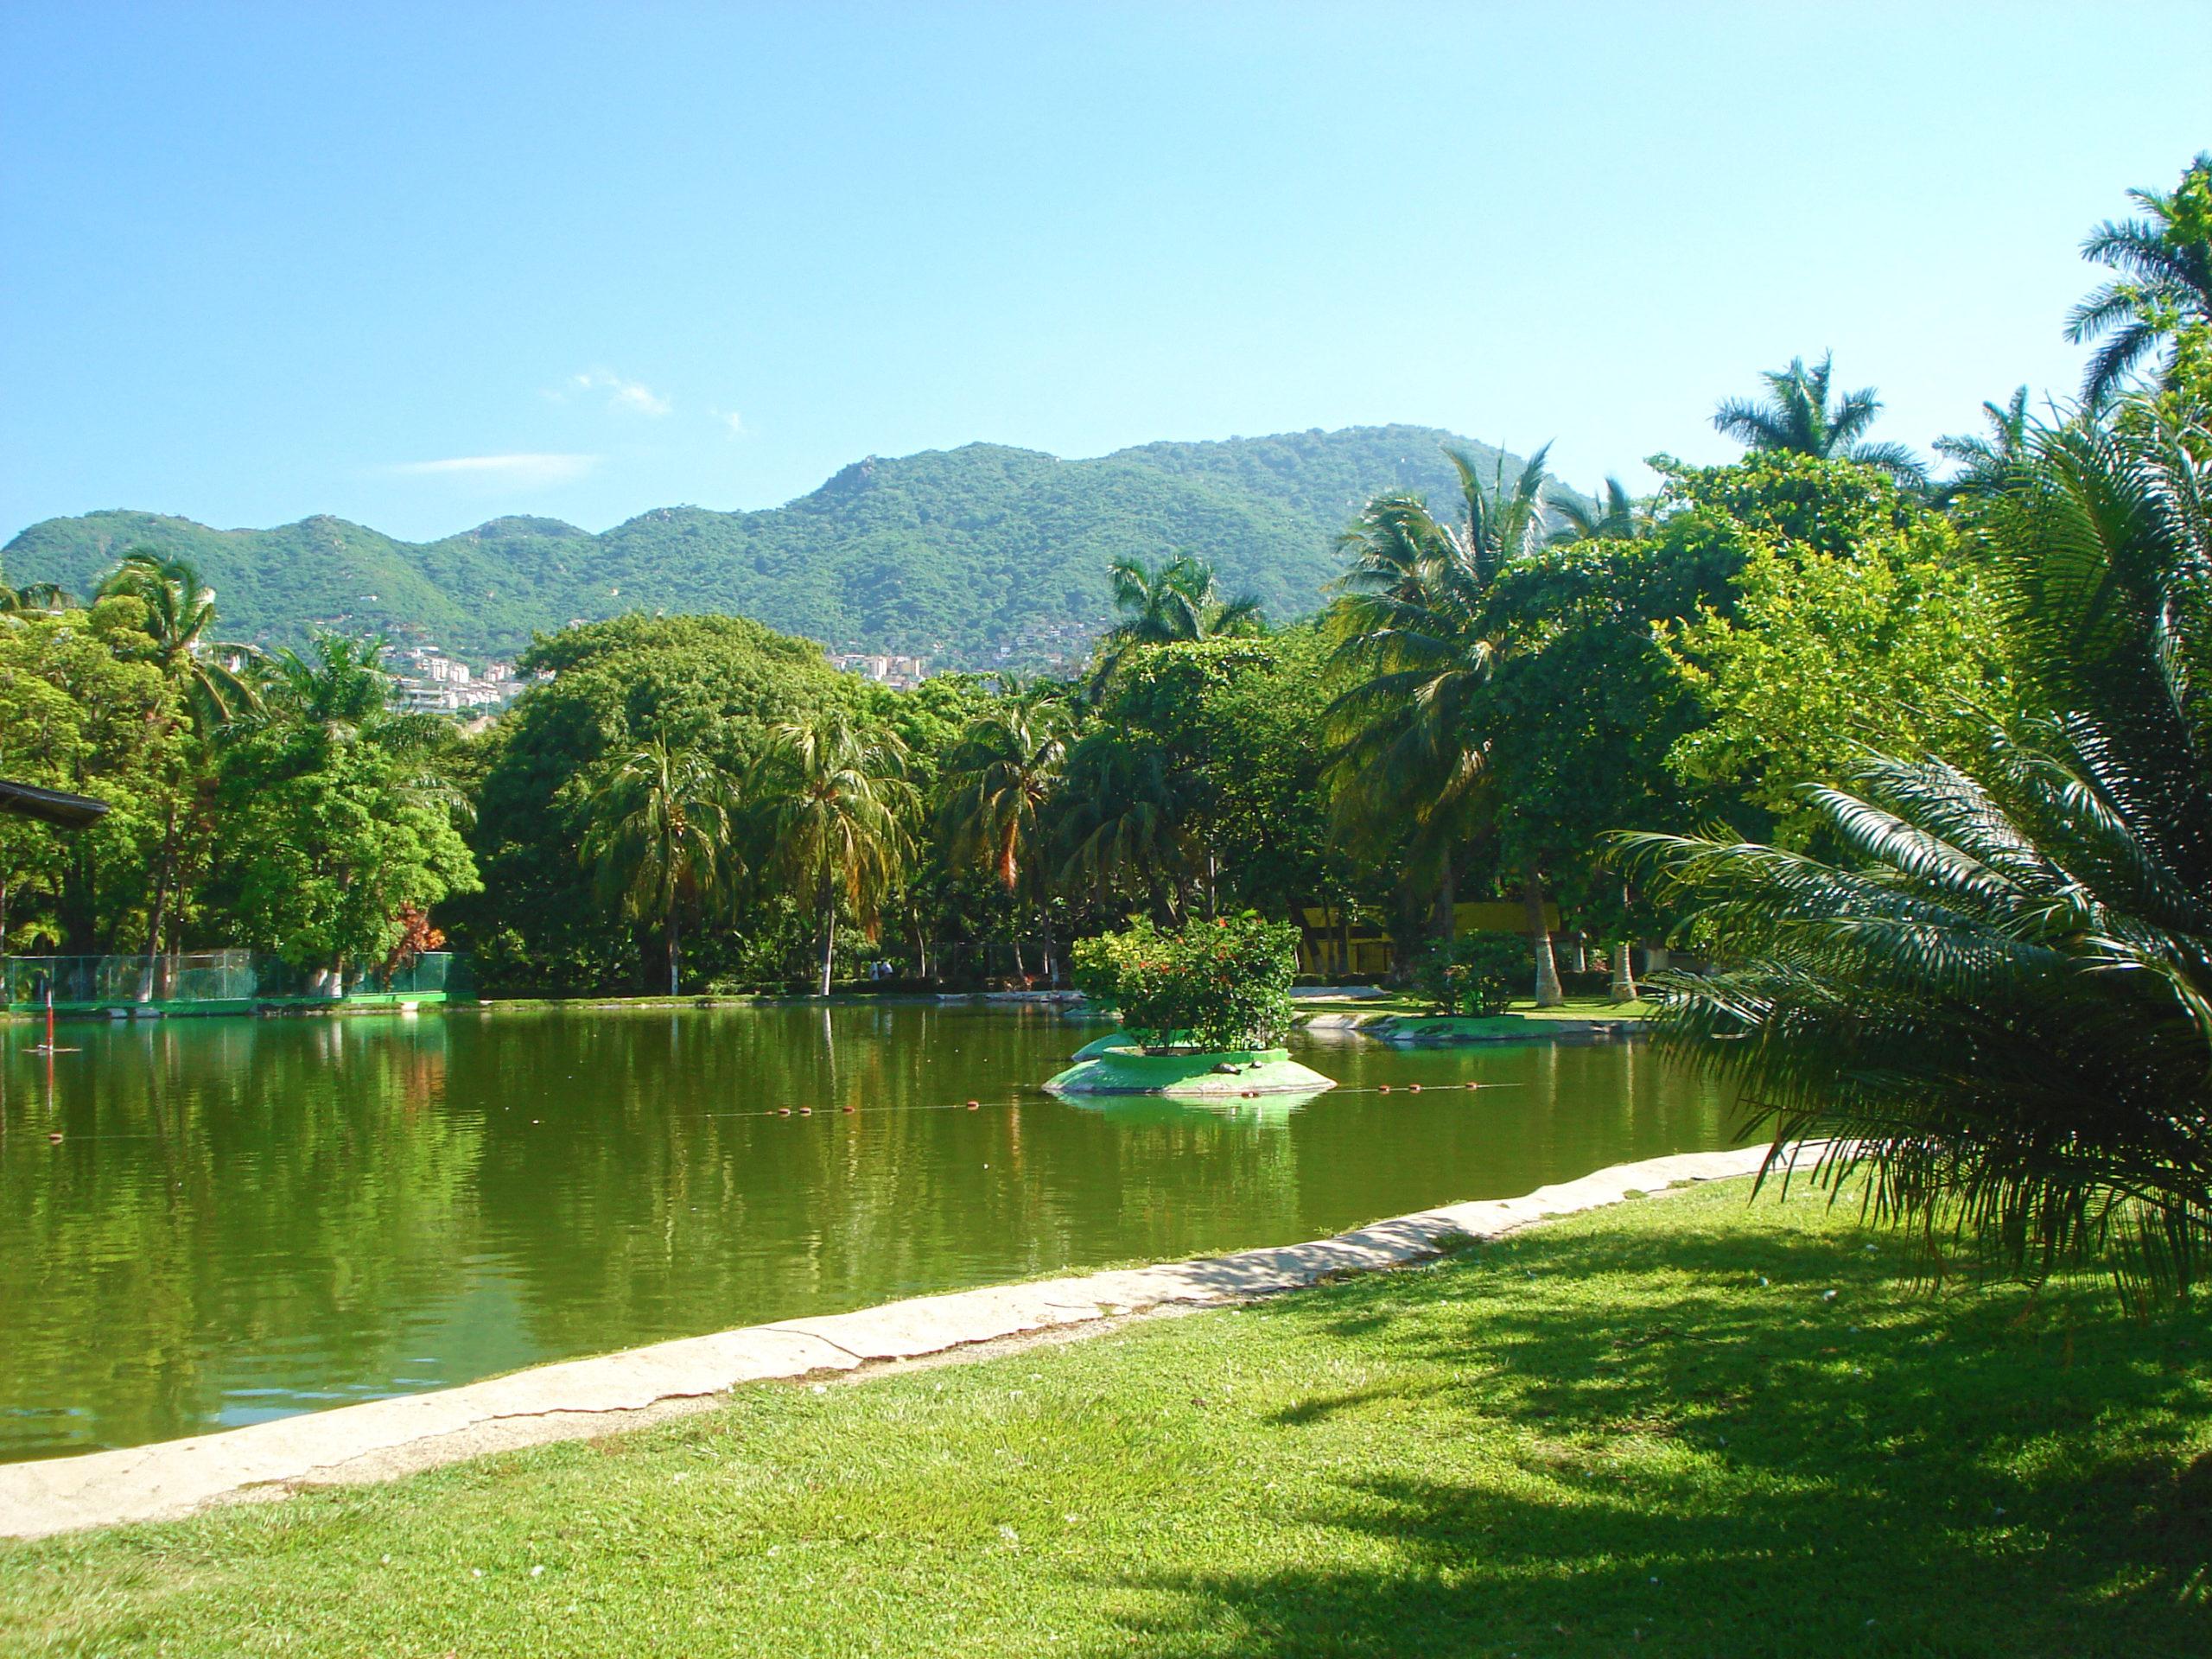 Inversión de 300 mdp para dar un nuevo rostro al Parque Papagayo de Acapulco